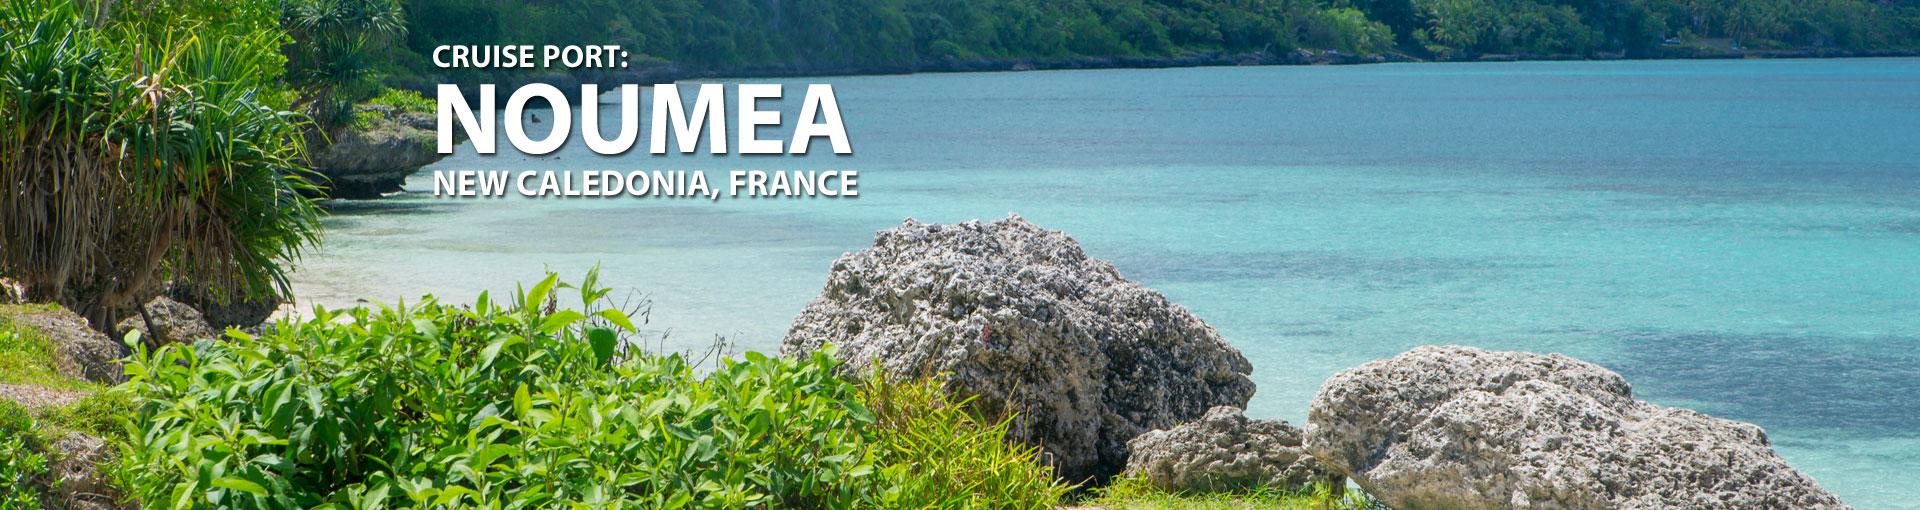 Cruises to Noumea, New Caledonia